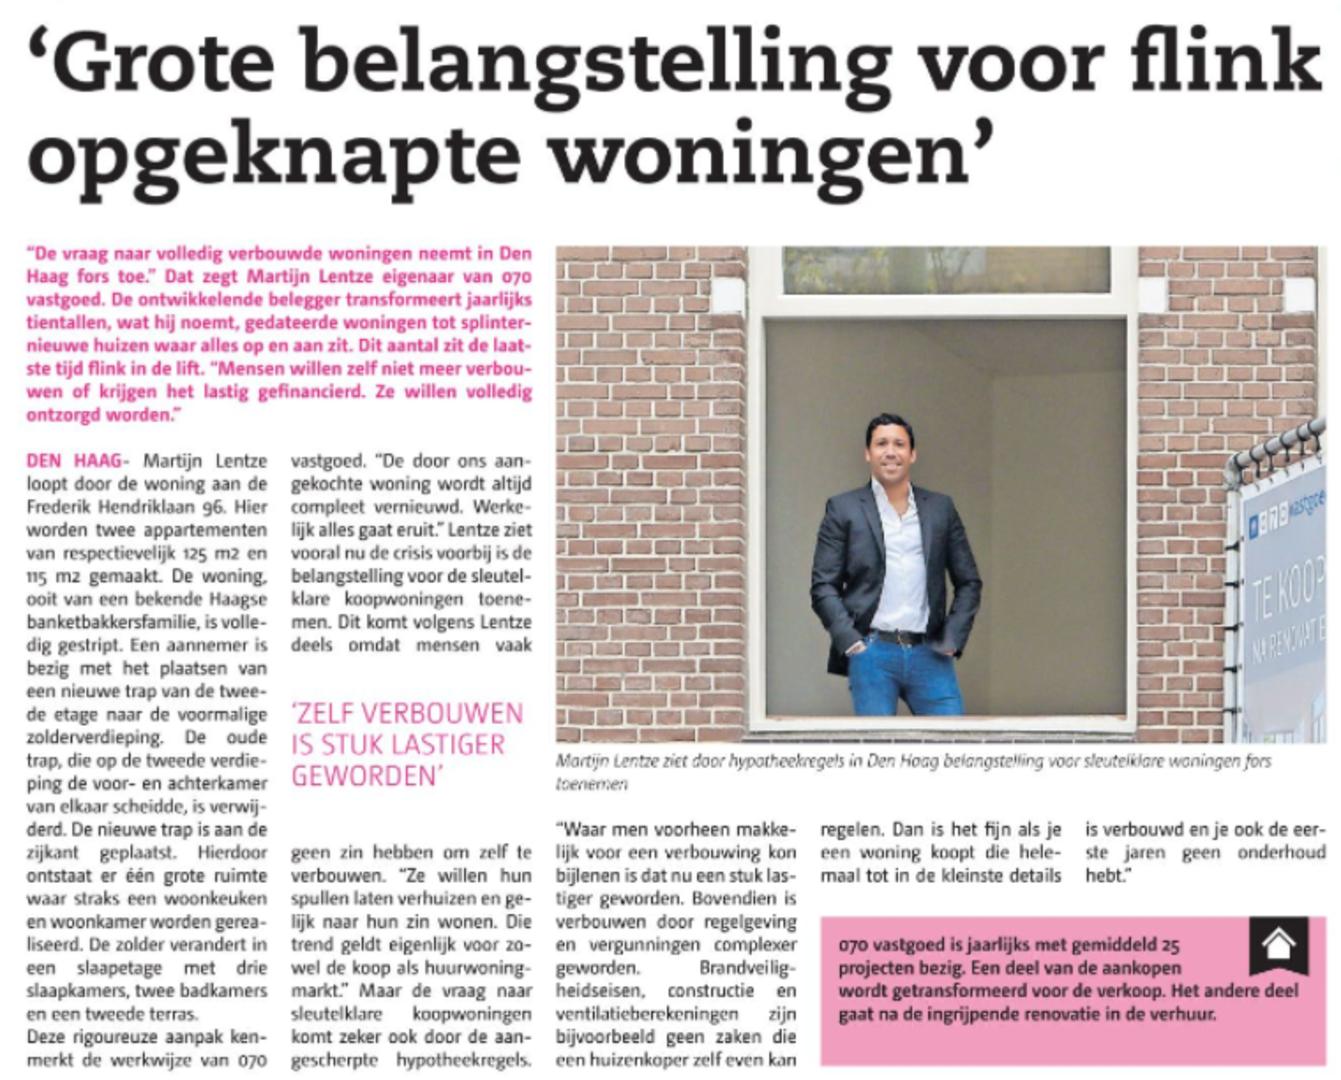 070 vastgoed signaleerst grote belangstelling voor opgeknapte woningen in interview met Posthoorn